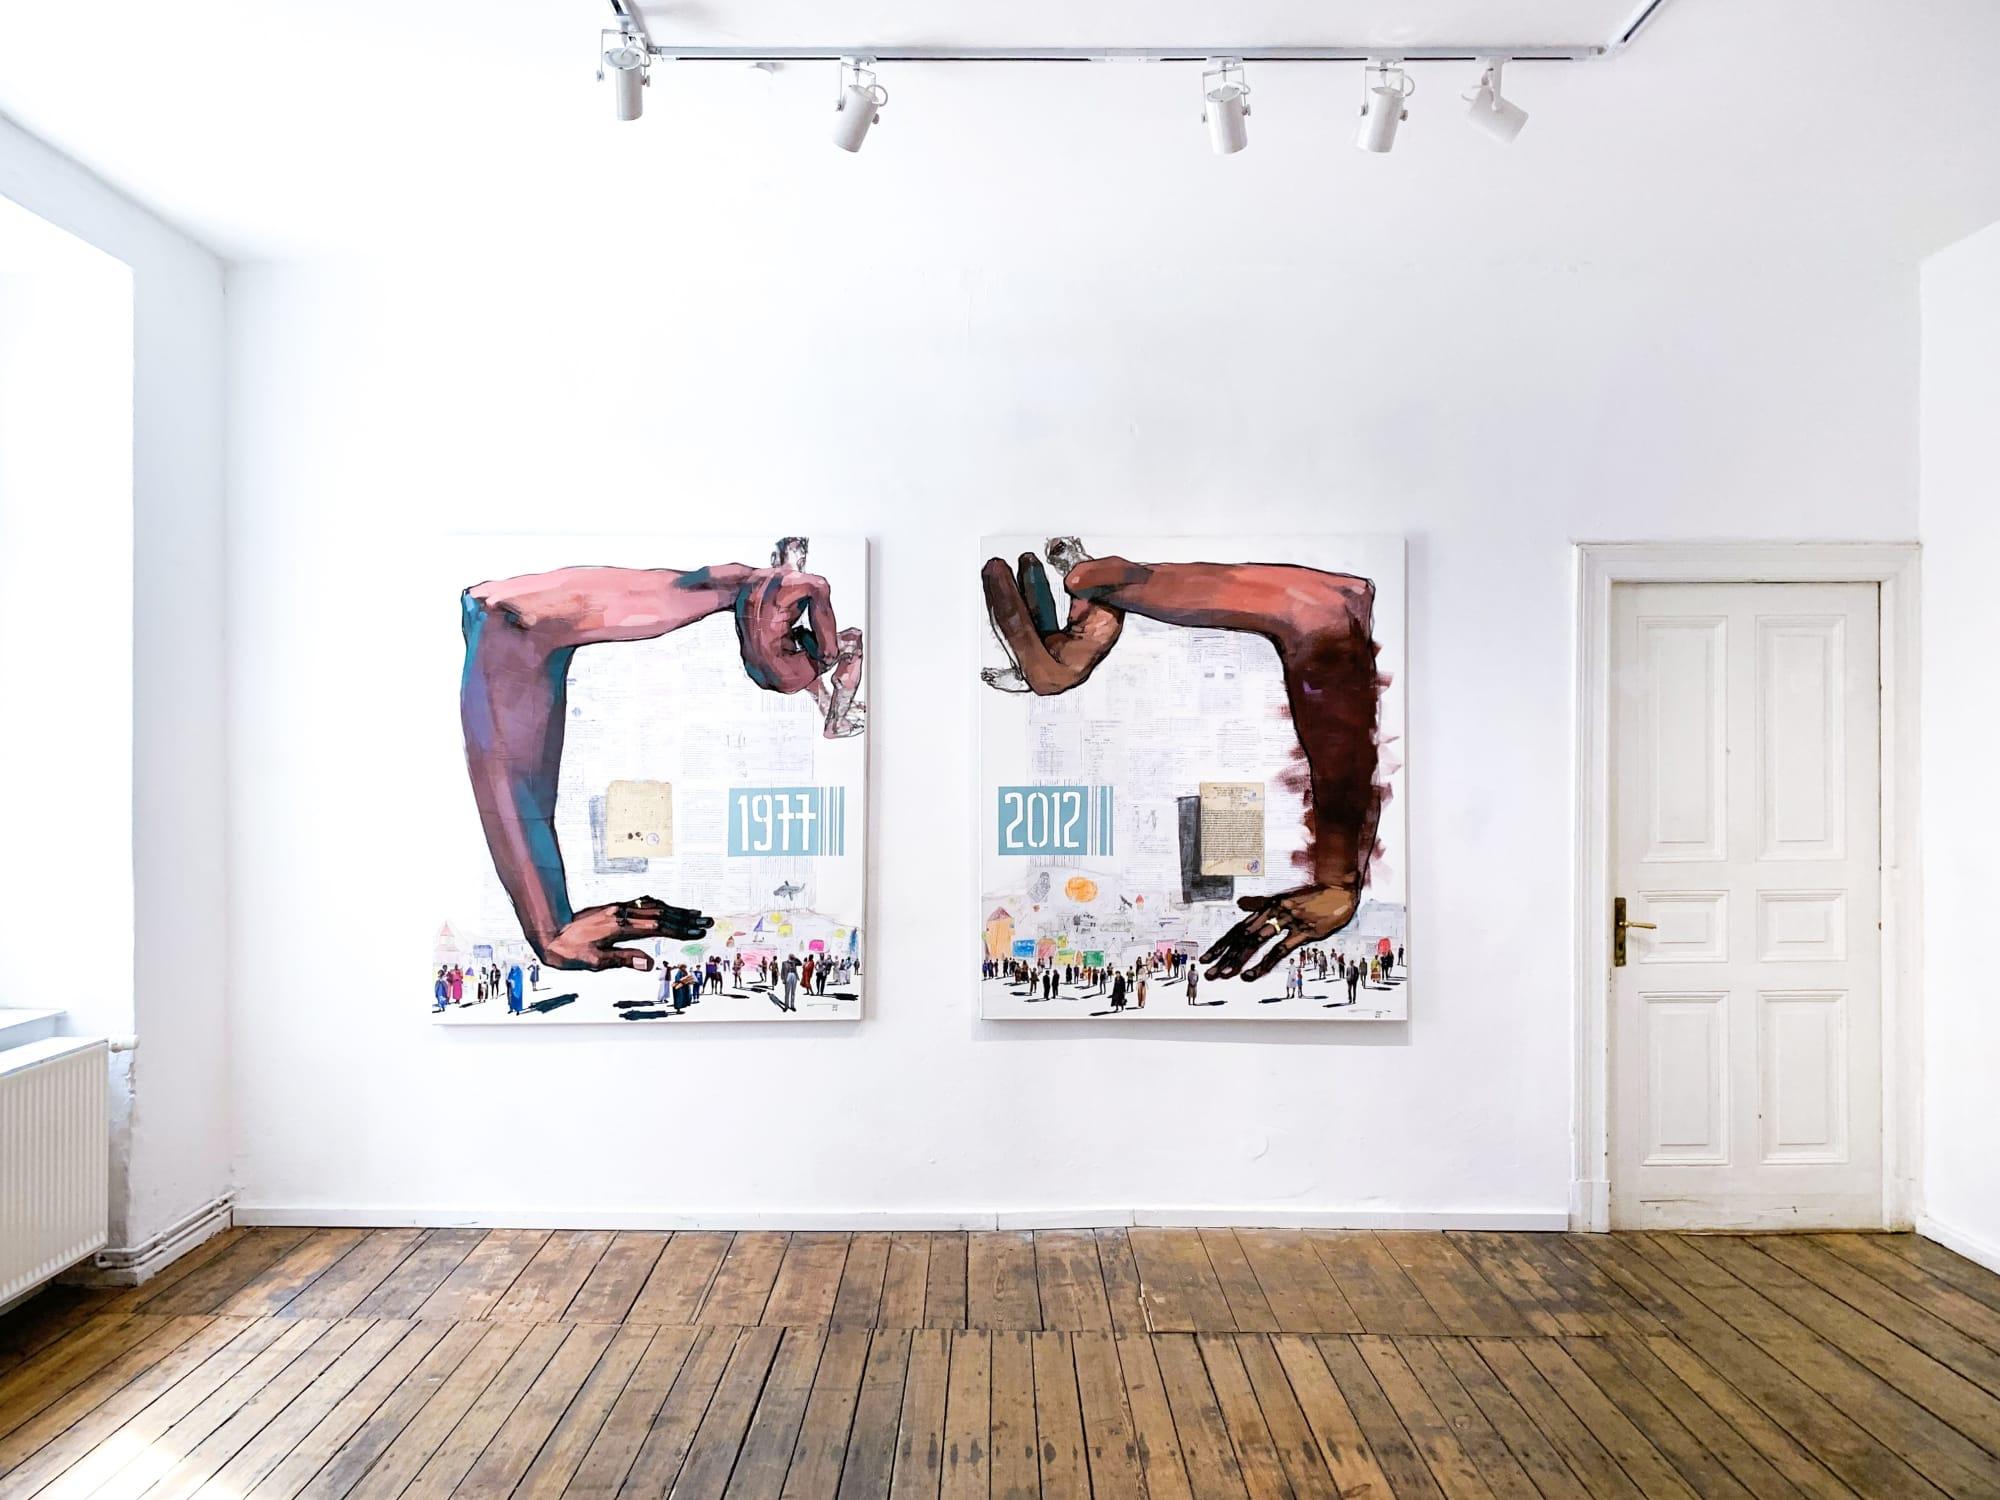 Berlin: Long Hands - Dawit Abebe